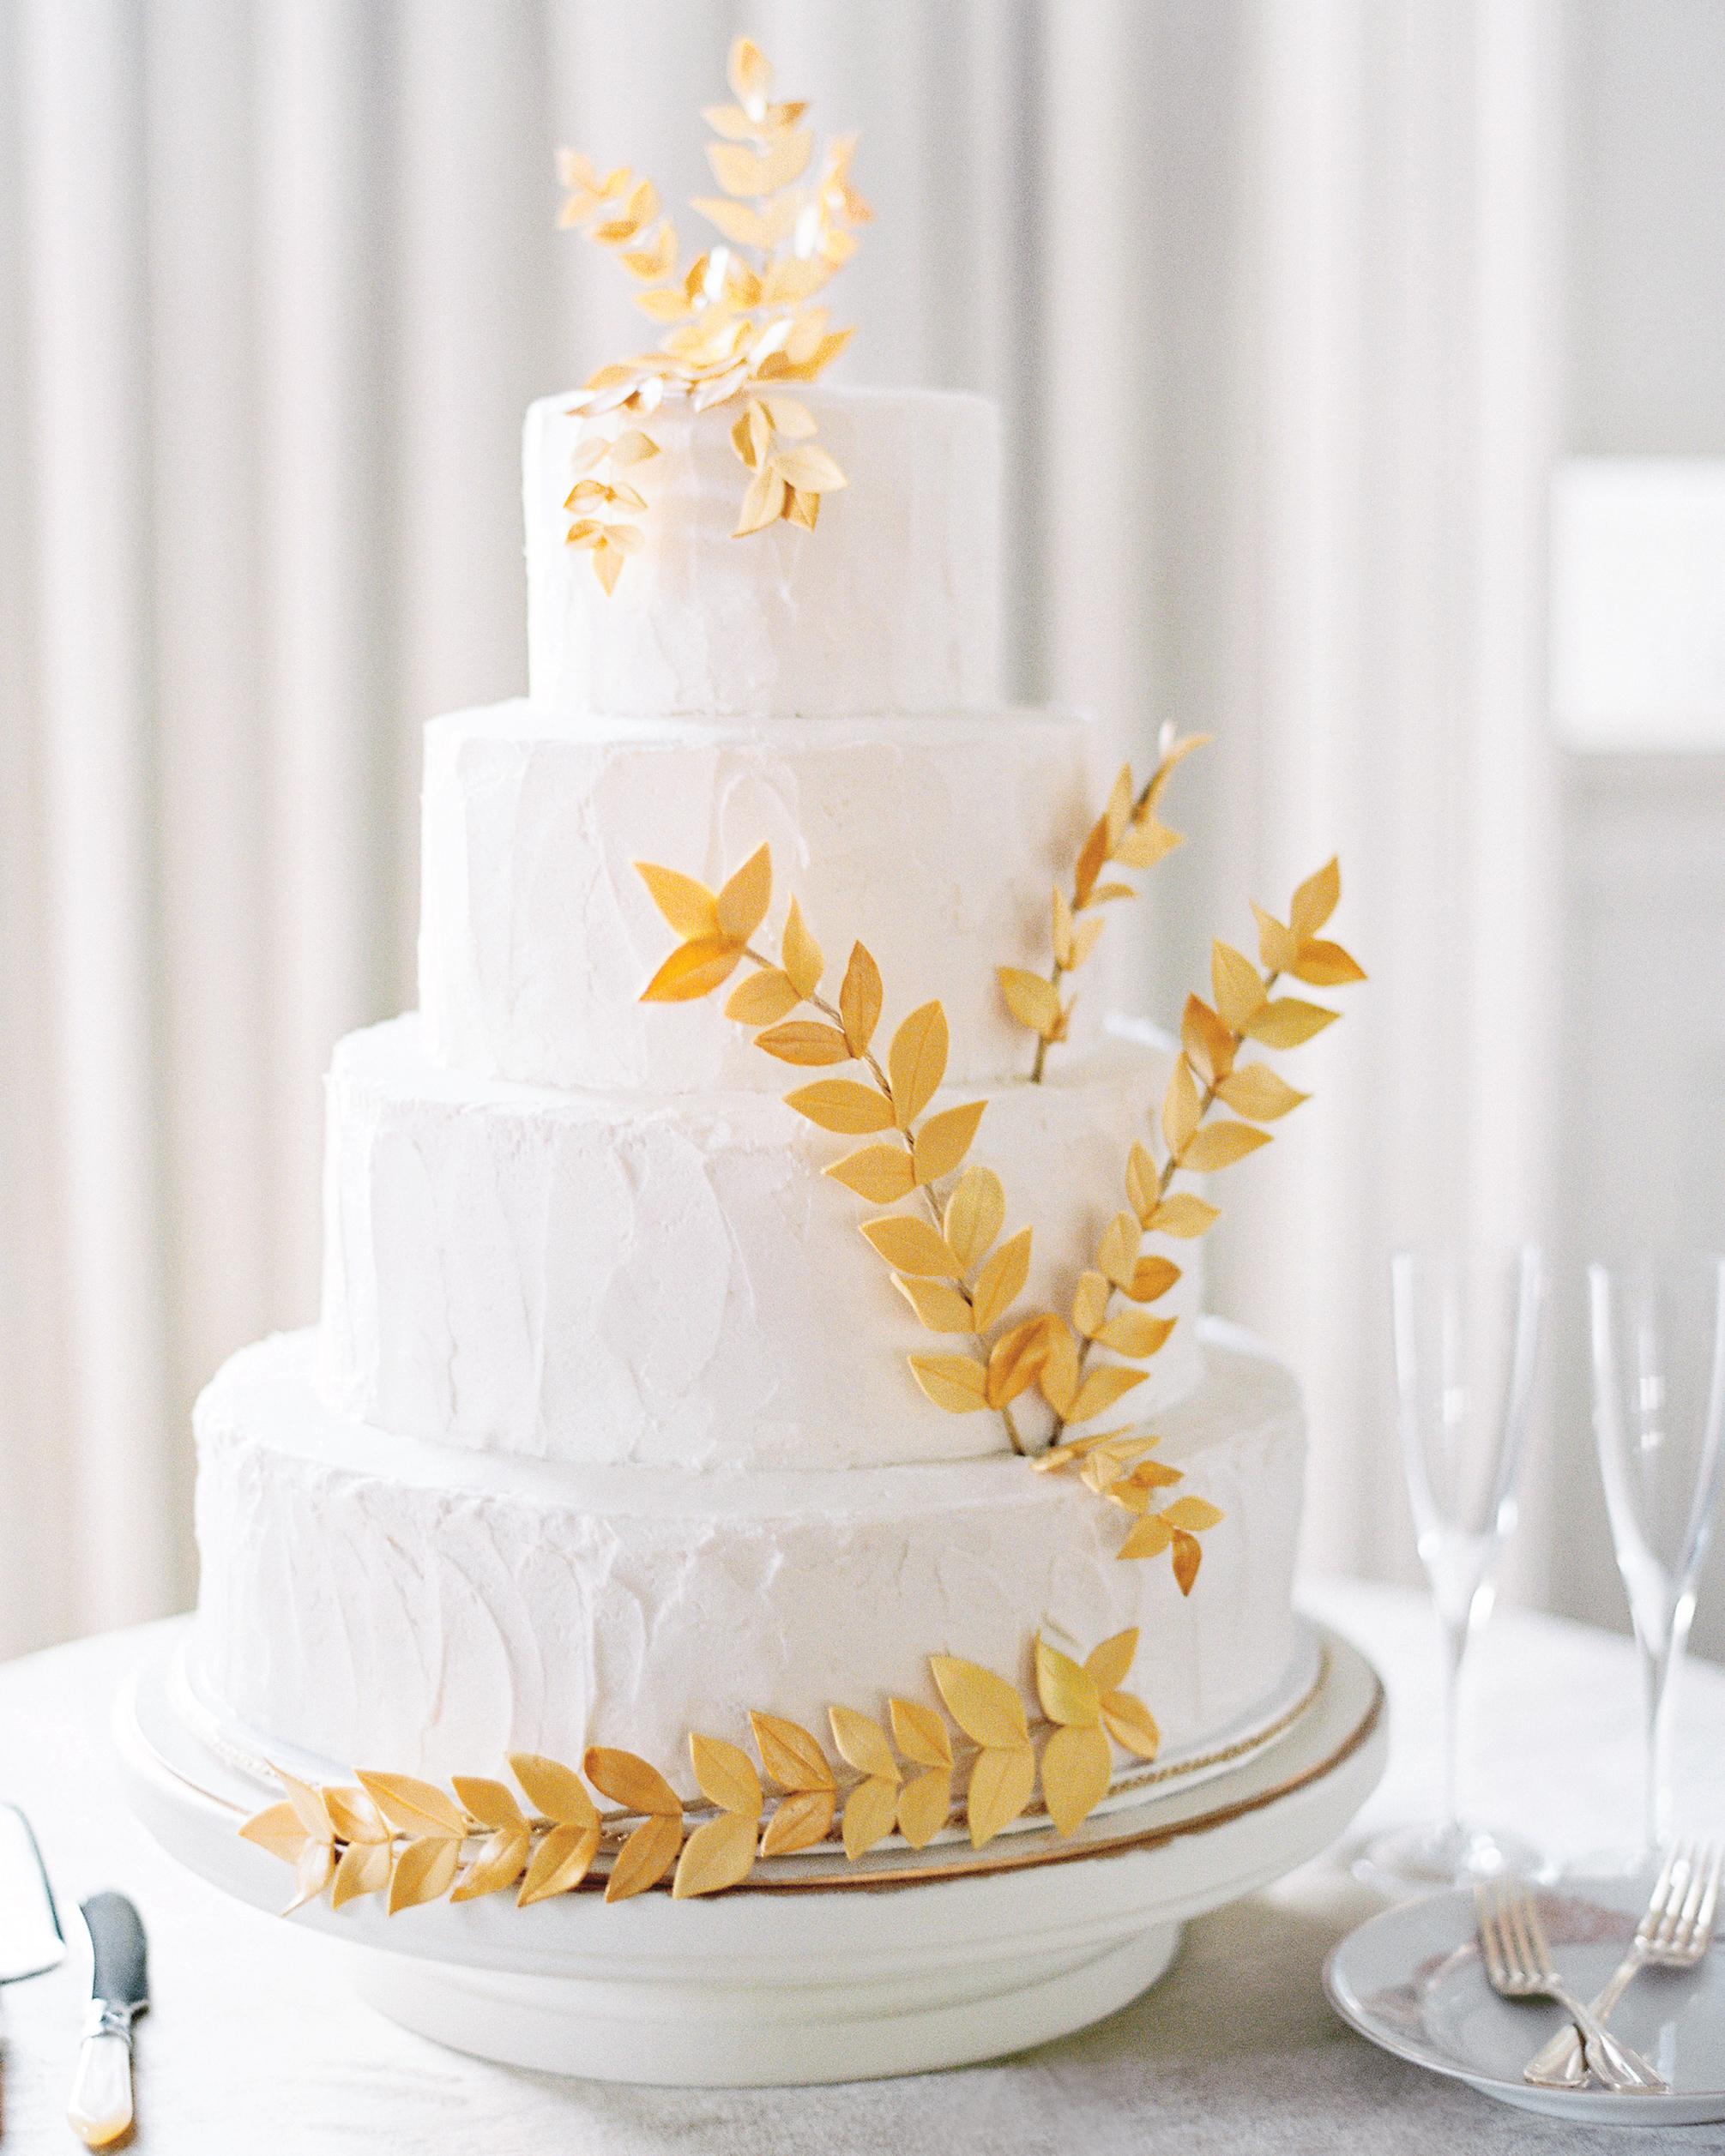 weddingcake-gold-leaf-004786-r-1-016-mwds110148.jpg